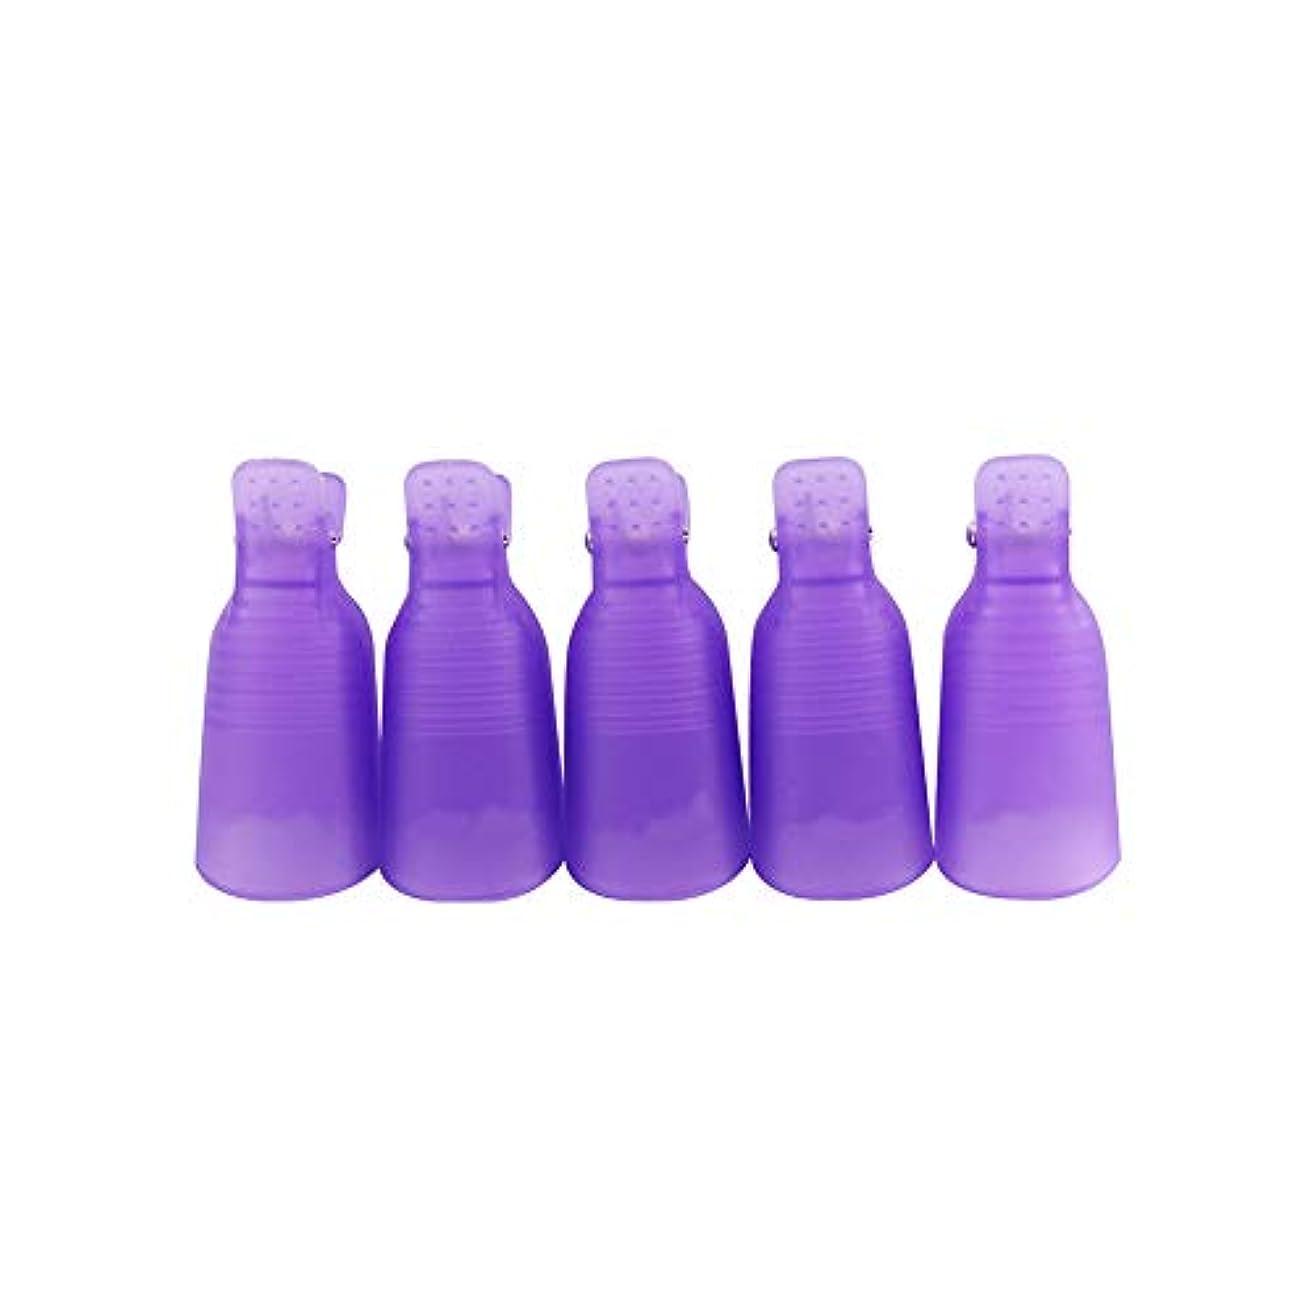 可動式ラブで出来ている5マニキュアUV接着パッドは、キャップリムーバーツールネイルネイルポリッシュリムーバー再利用可能なシリコーンはラップまたはオフに浸した家庭用のサロン(紫)